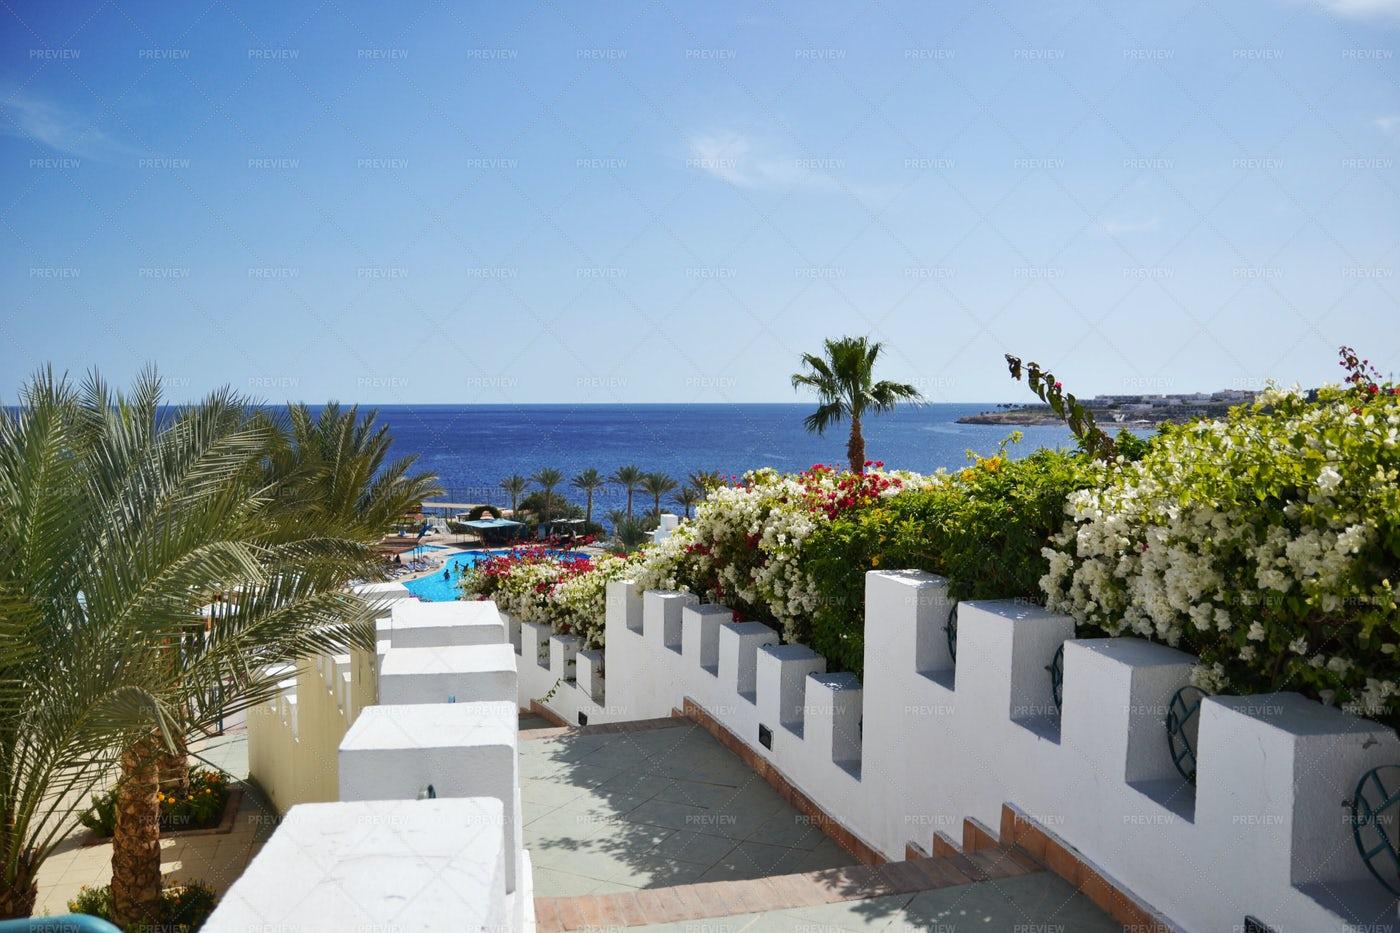 Luxury Hotel Views: Stock Photos